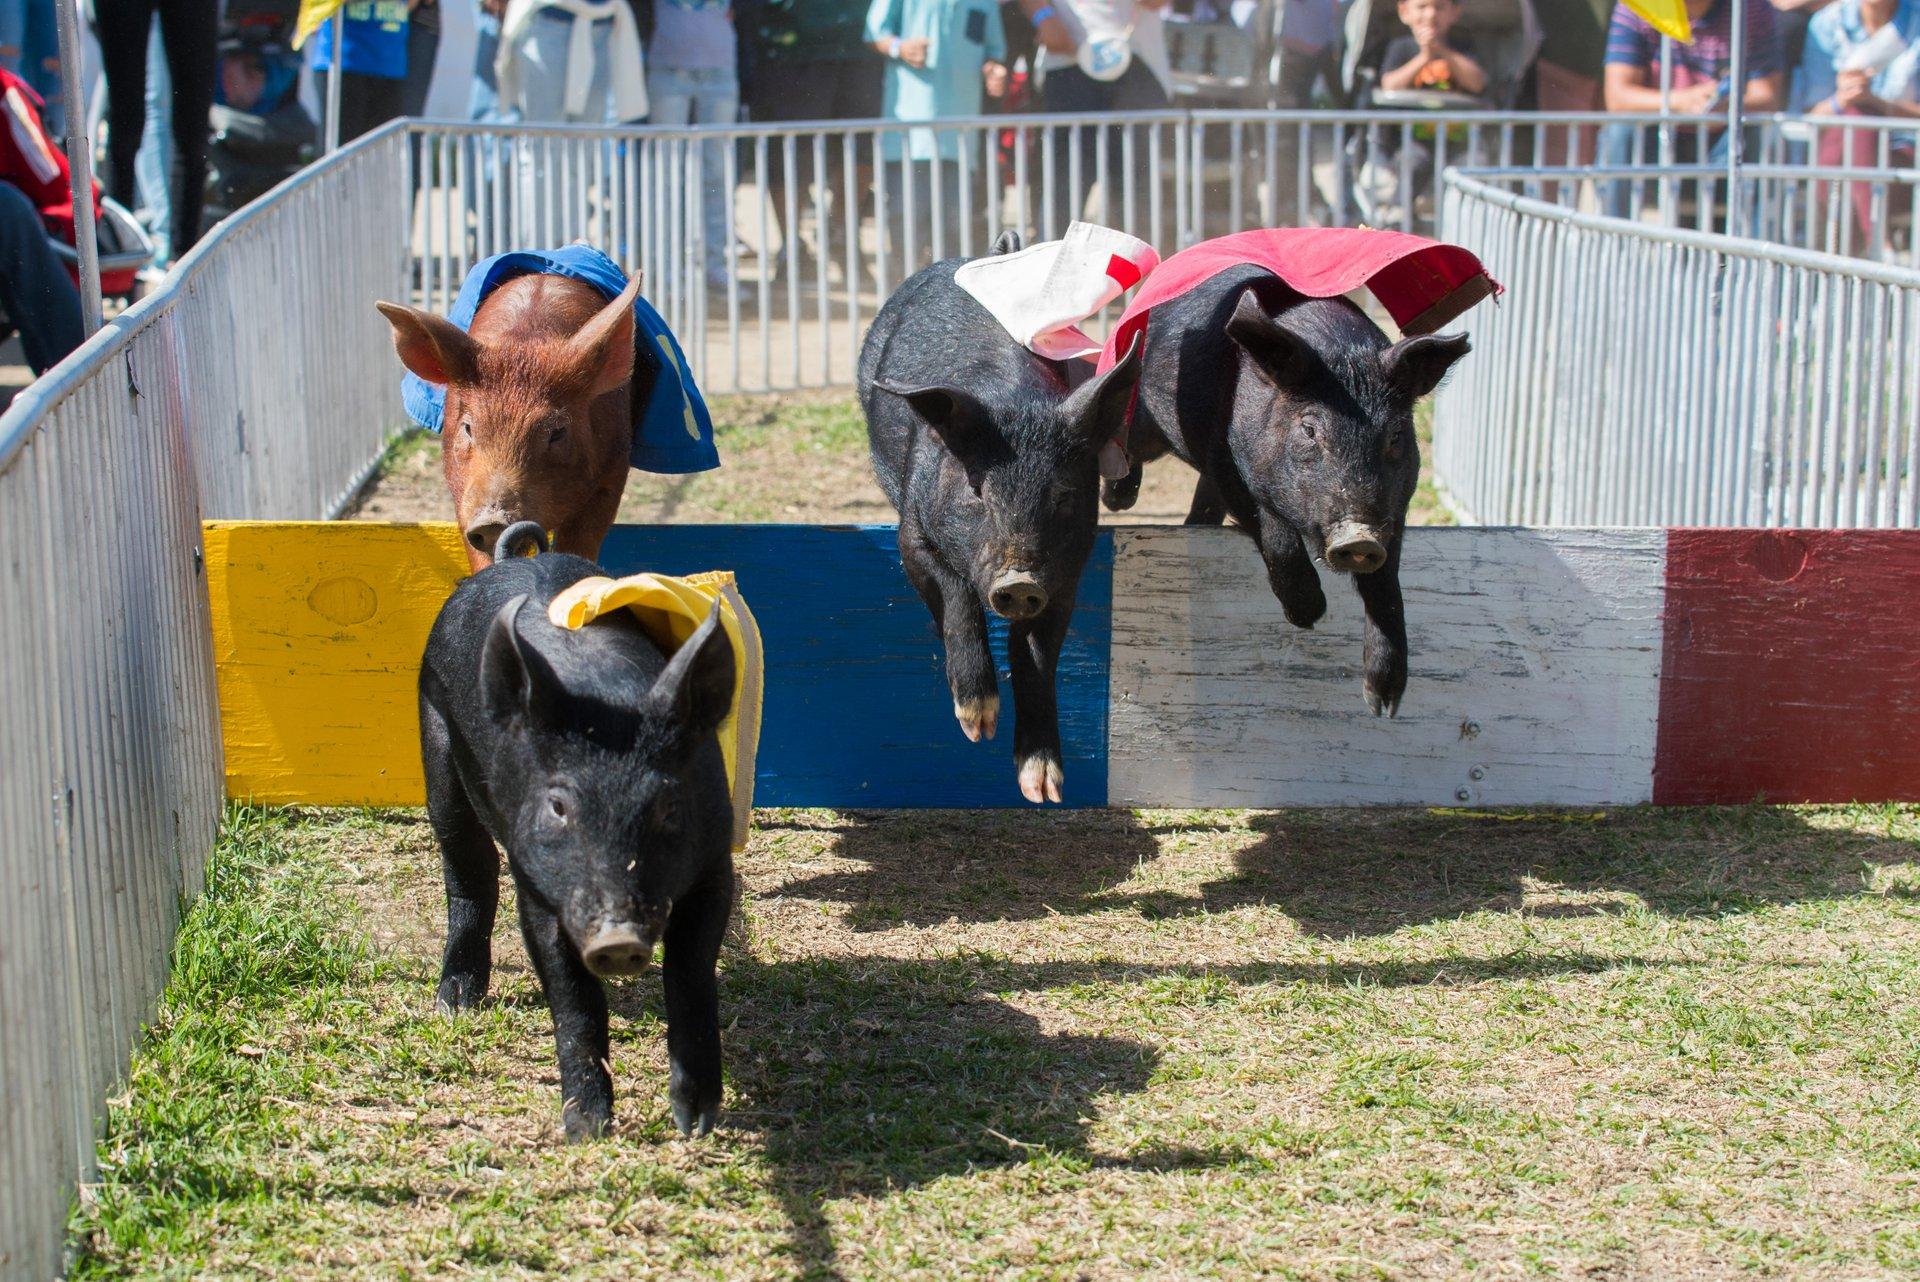 Pig Races 2020